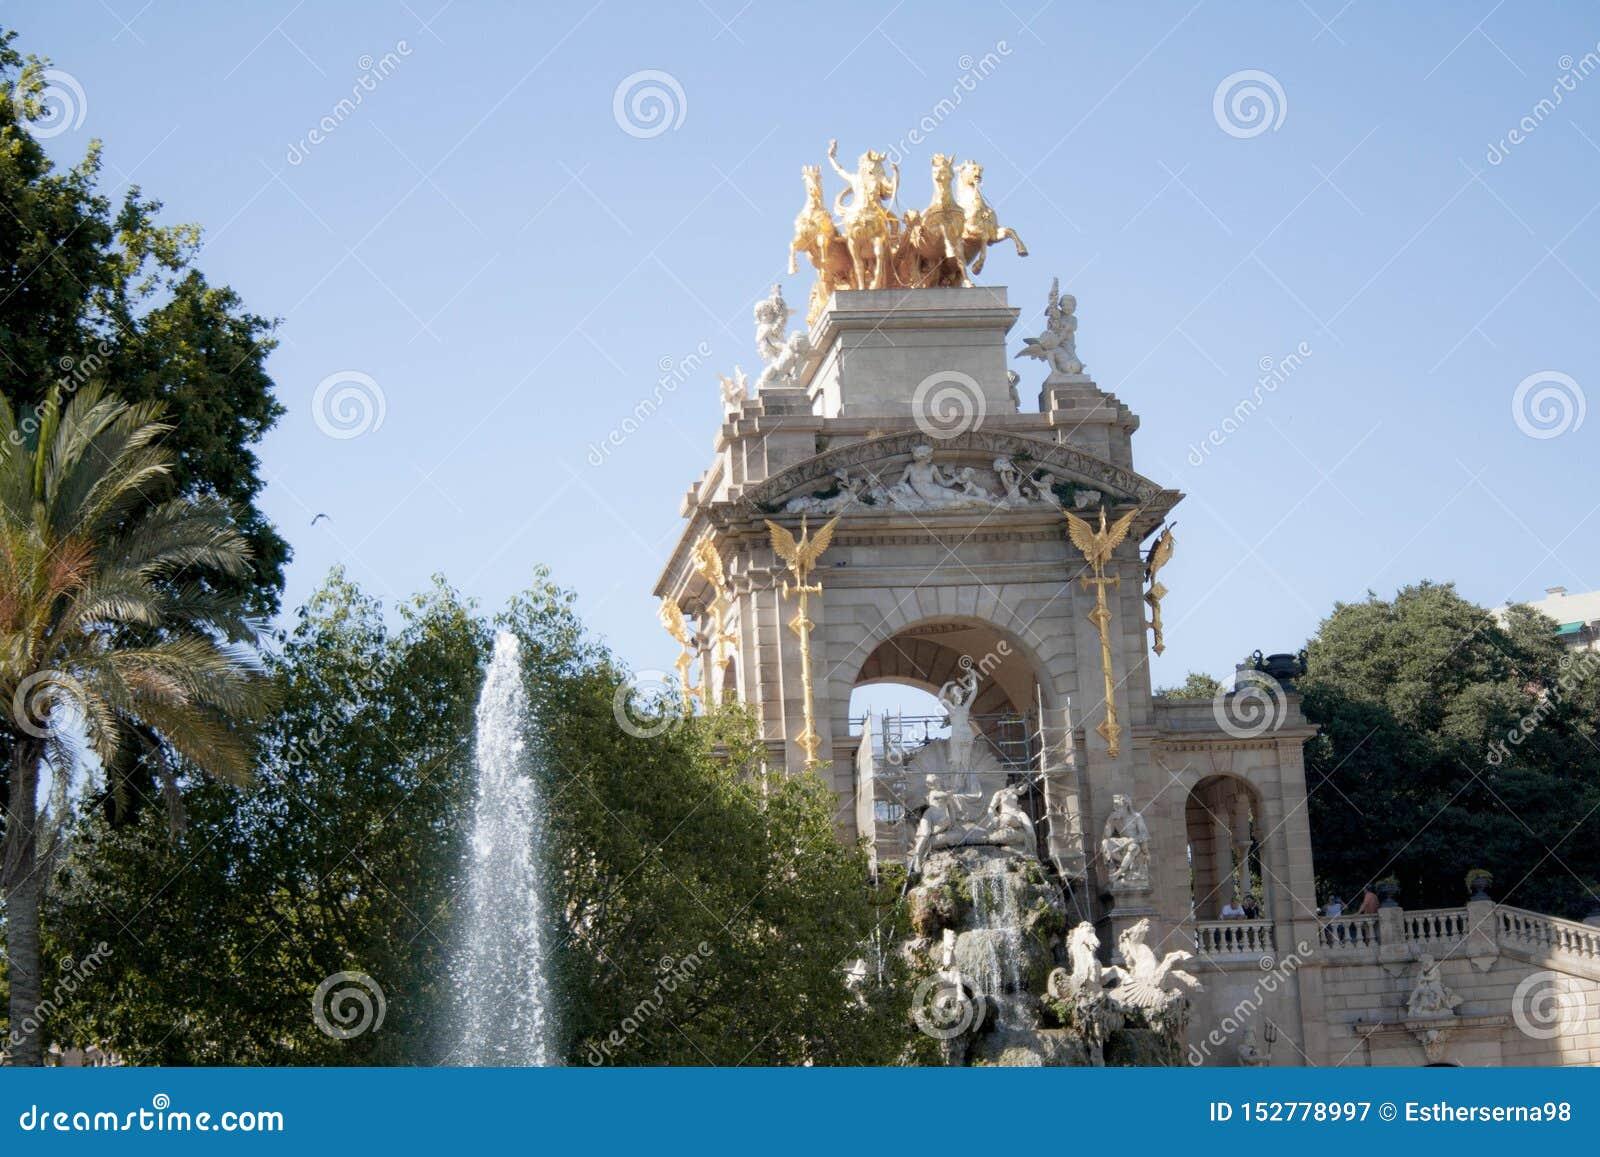 Parc of Ciutadella in Barcelona